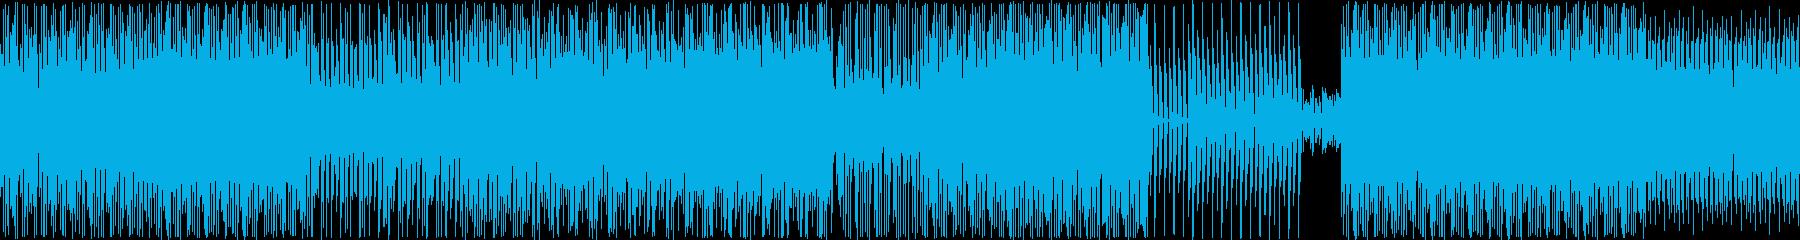 ギターフレーズが印象的なダンス系EDMの再生済みの波形